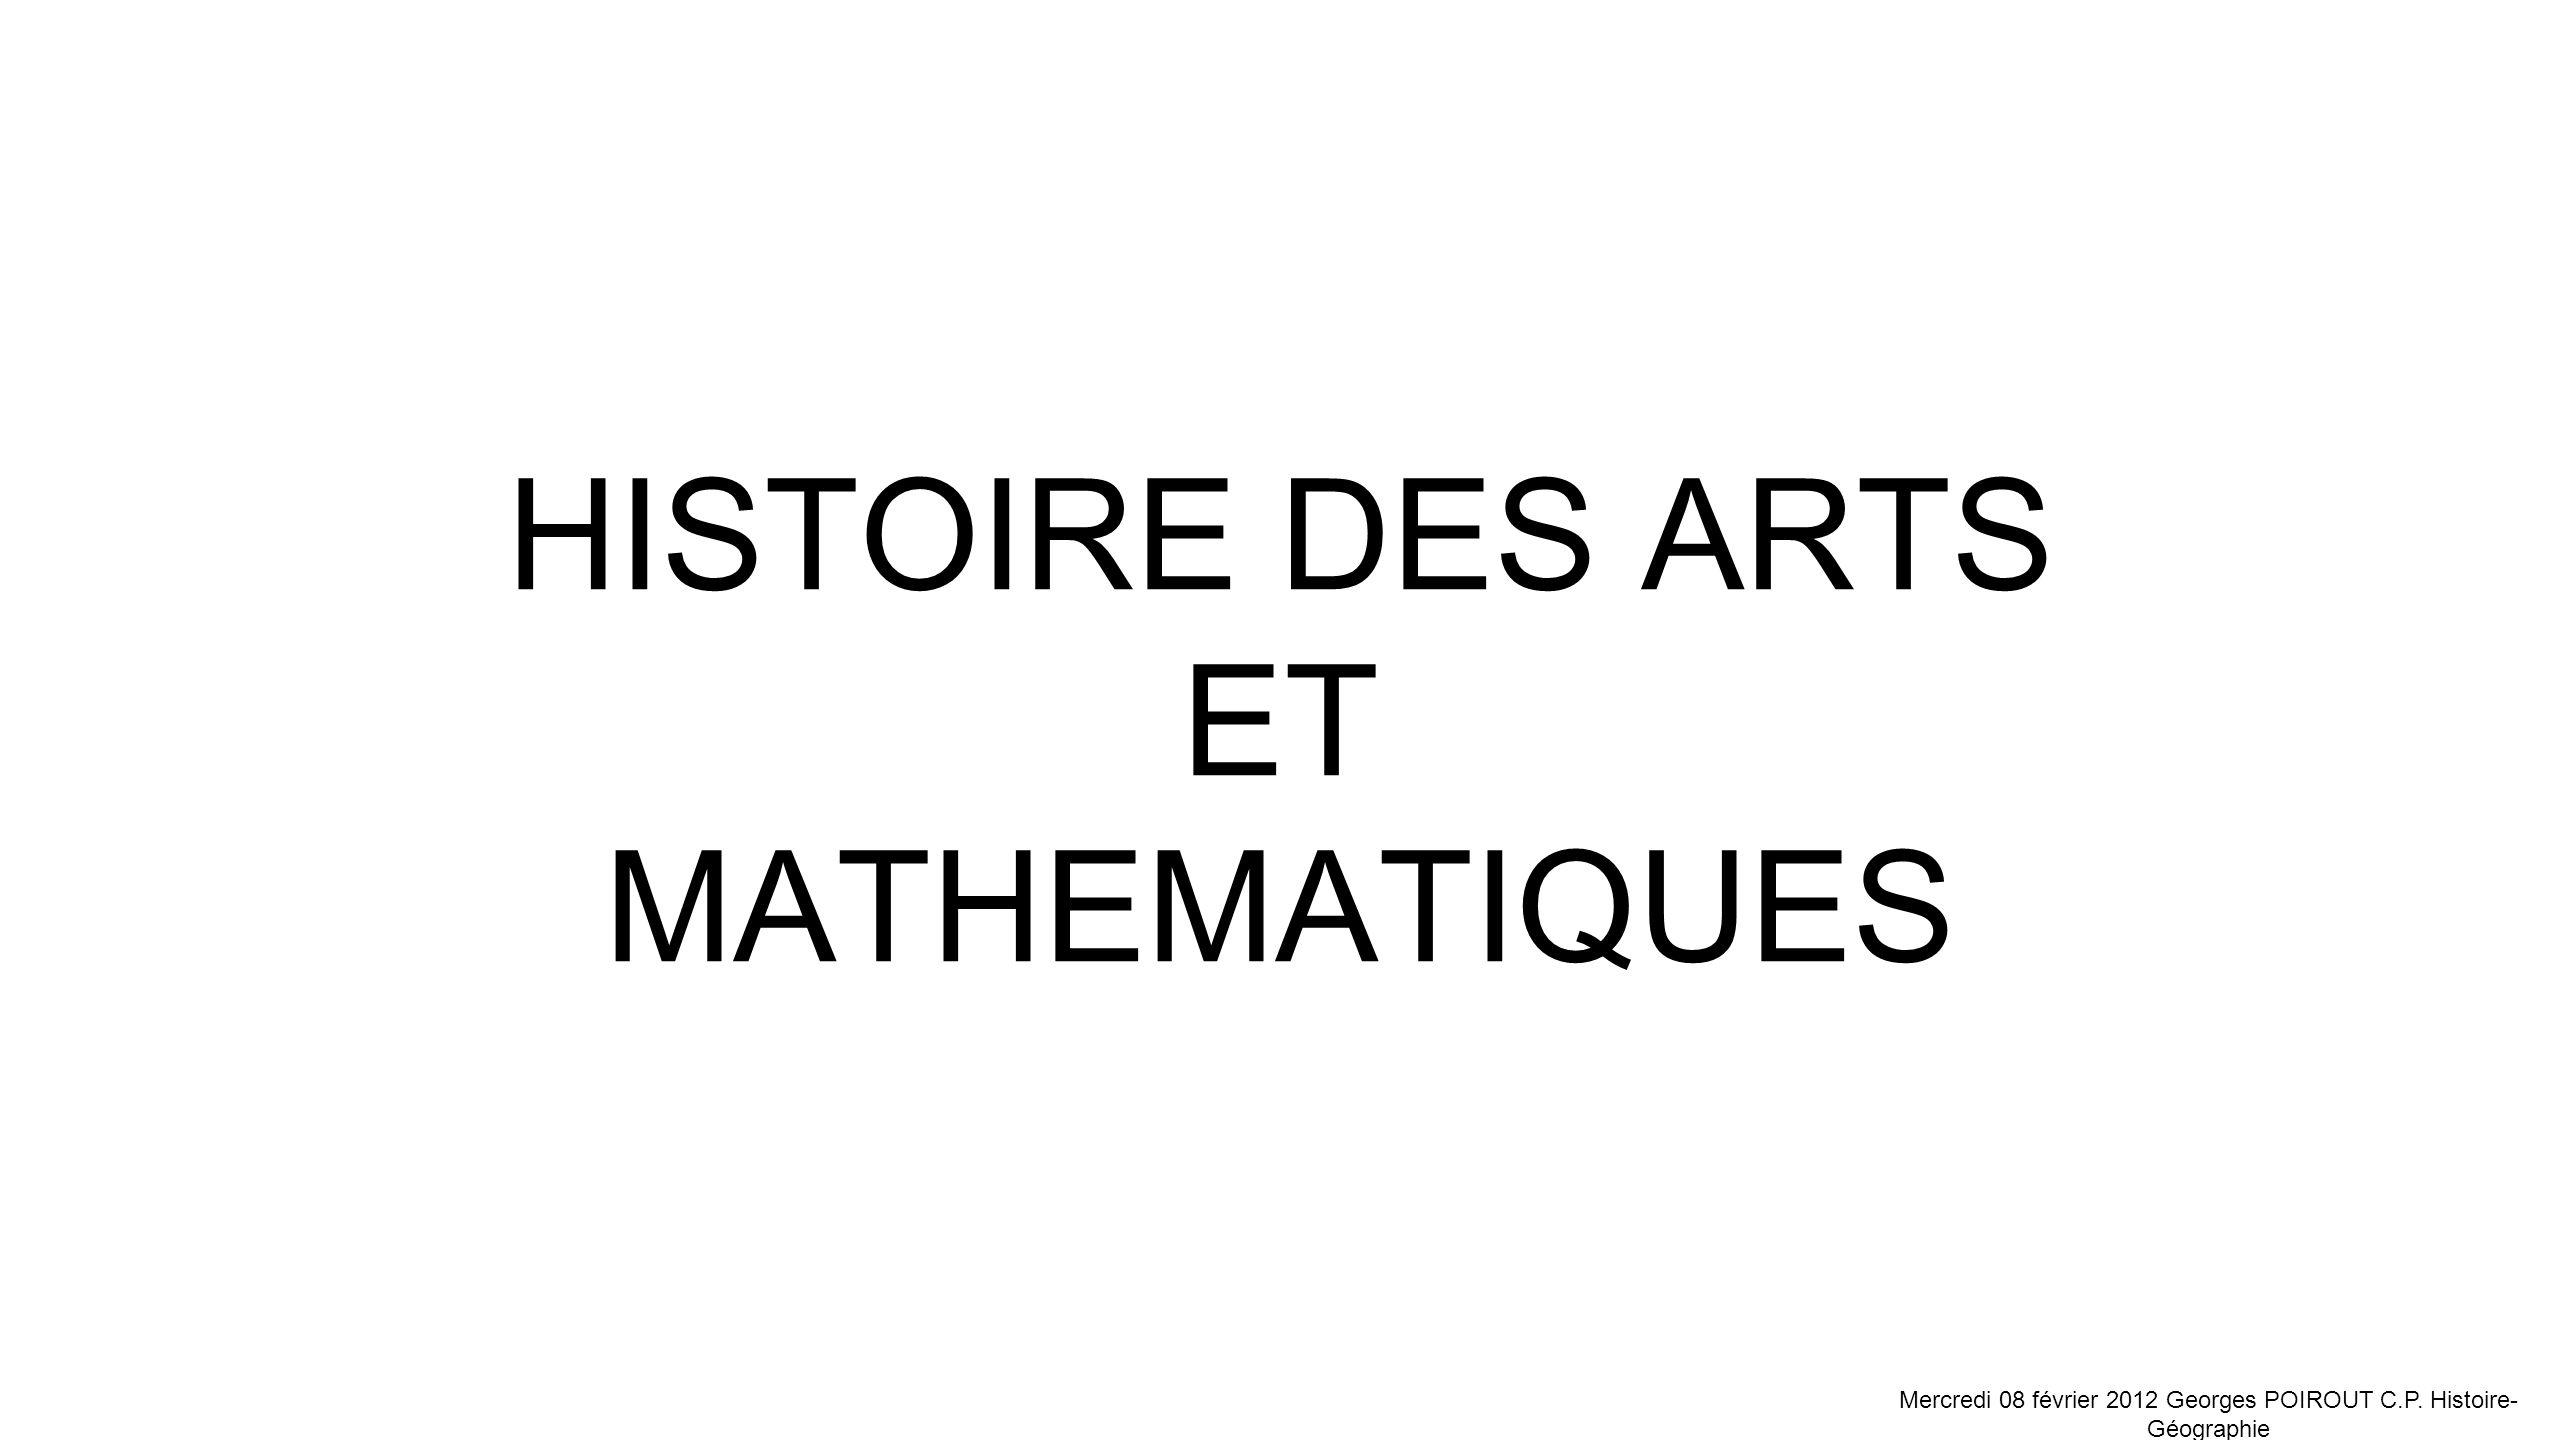 EXEMPLE DE THEMES PAR NIVEAU DE CLASSE AU COLLEGE : 6°- Calculer les proportions idéales : esthétique et perfection divine (nombre dor).